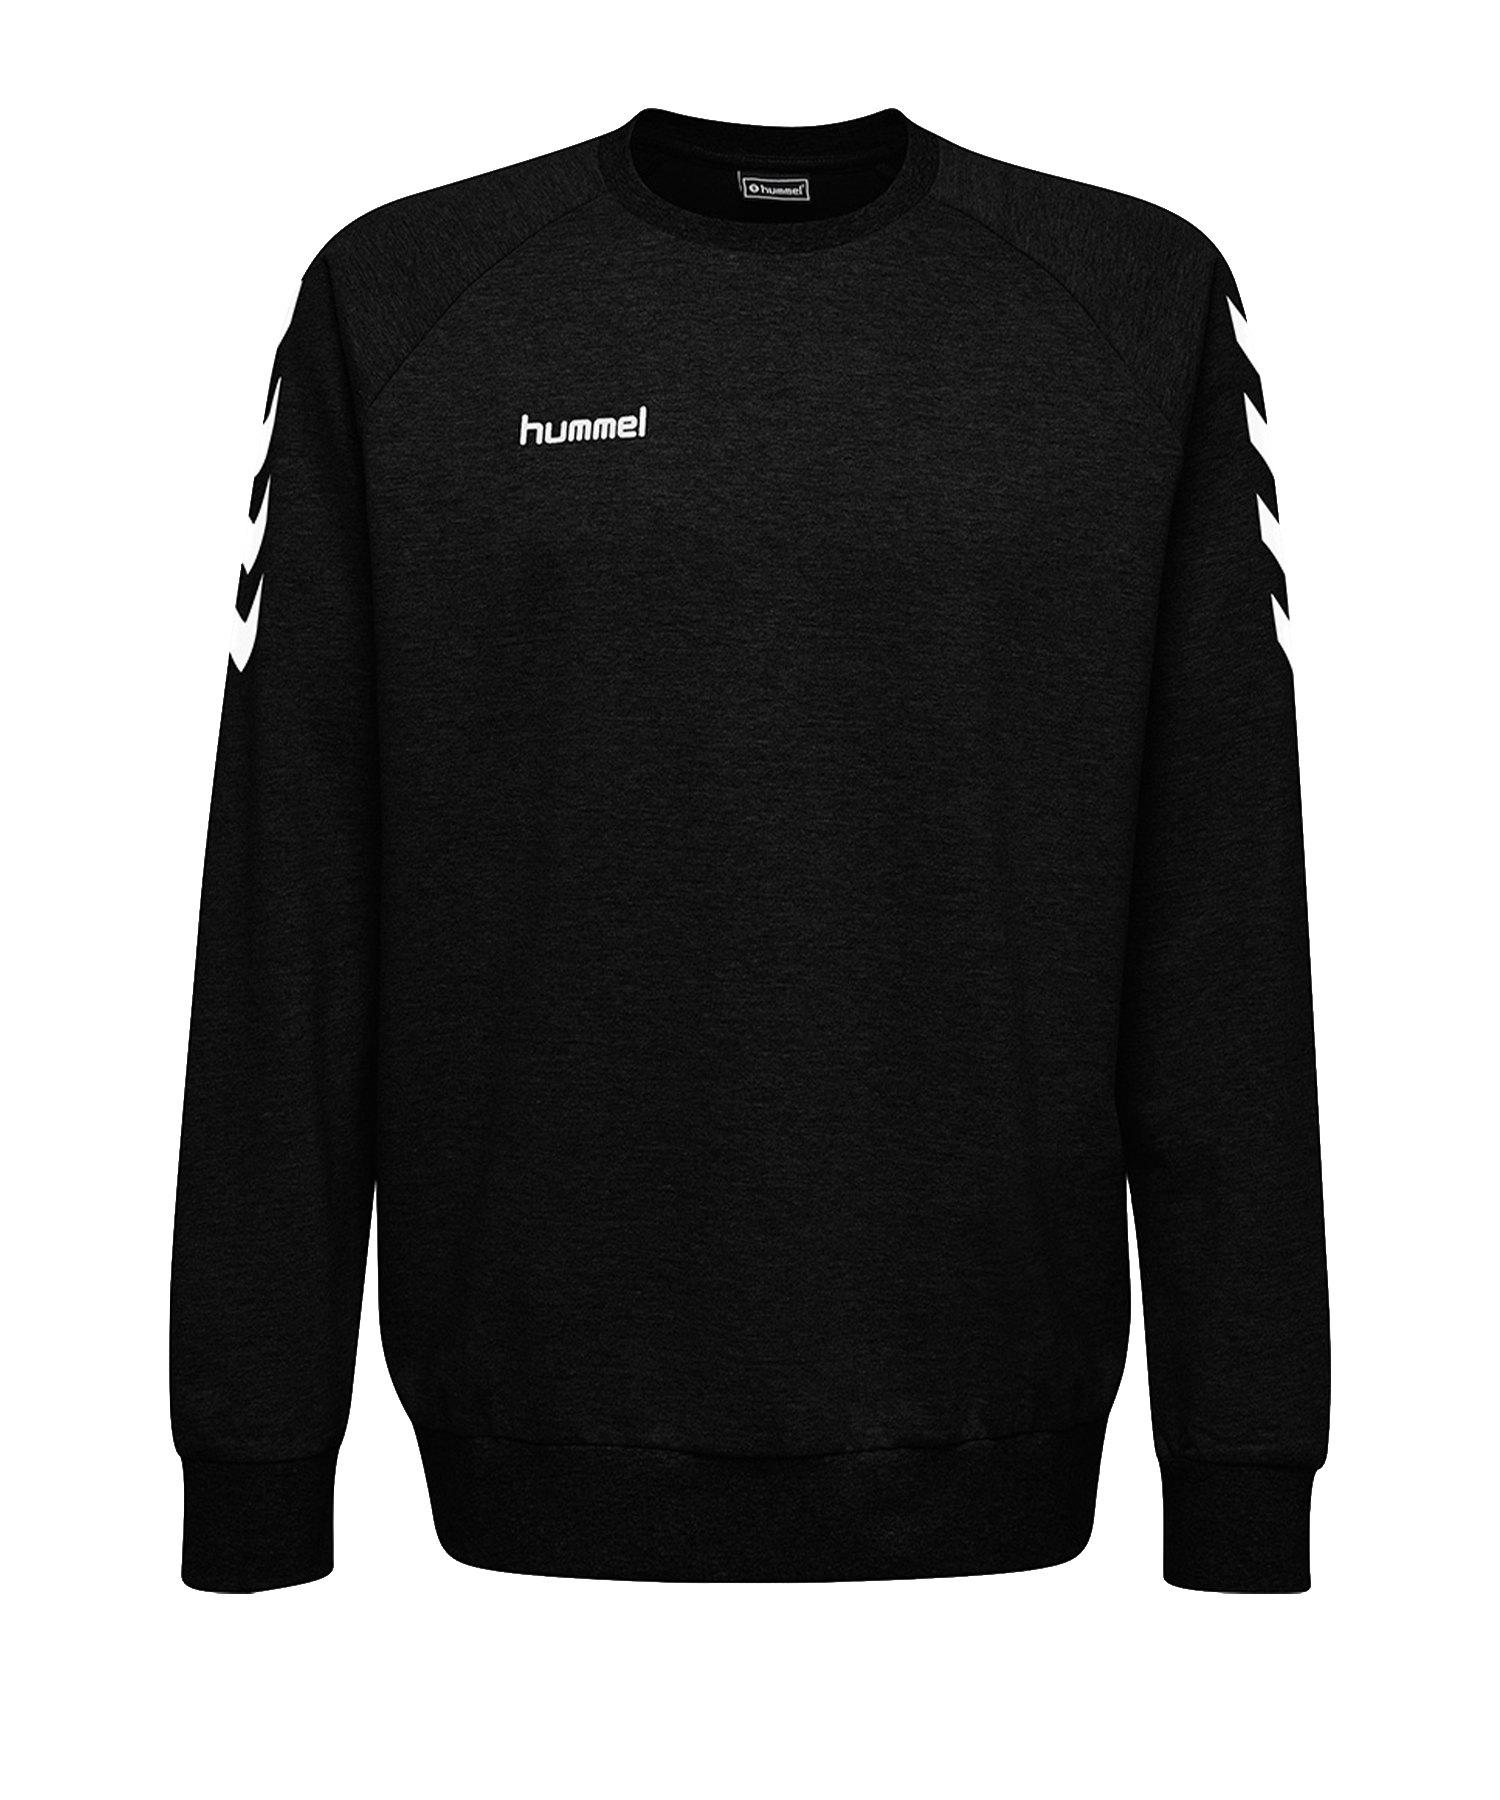 Hummel Cotton Sweatshirt Kids Schwarz F2001 - Schwarz